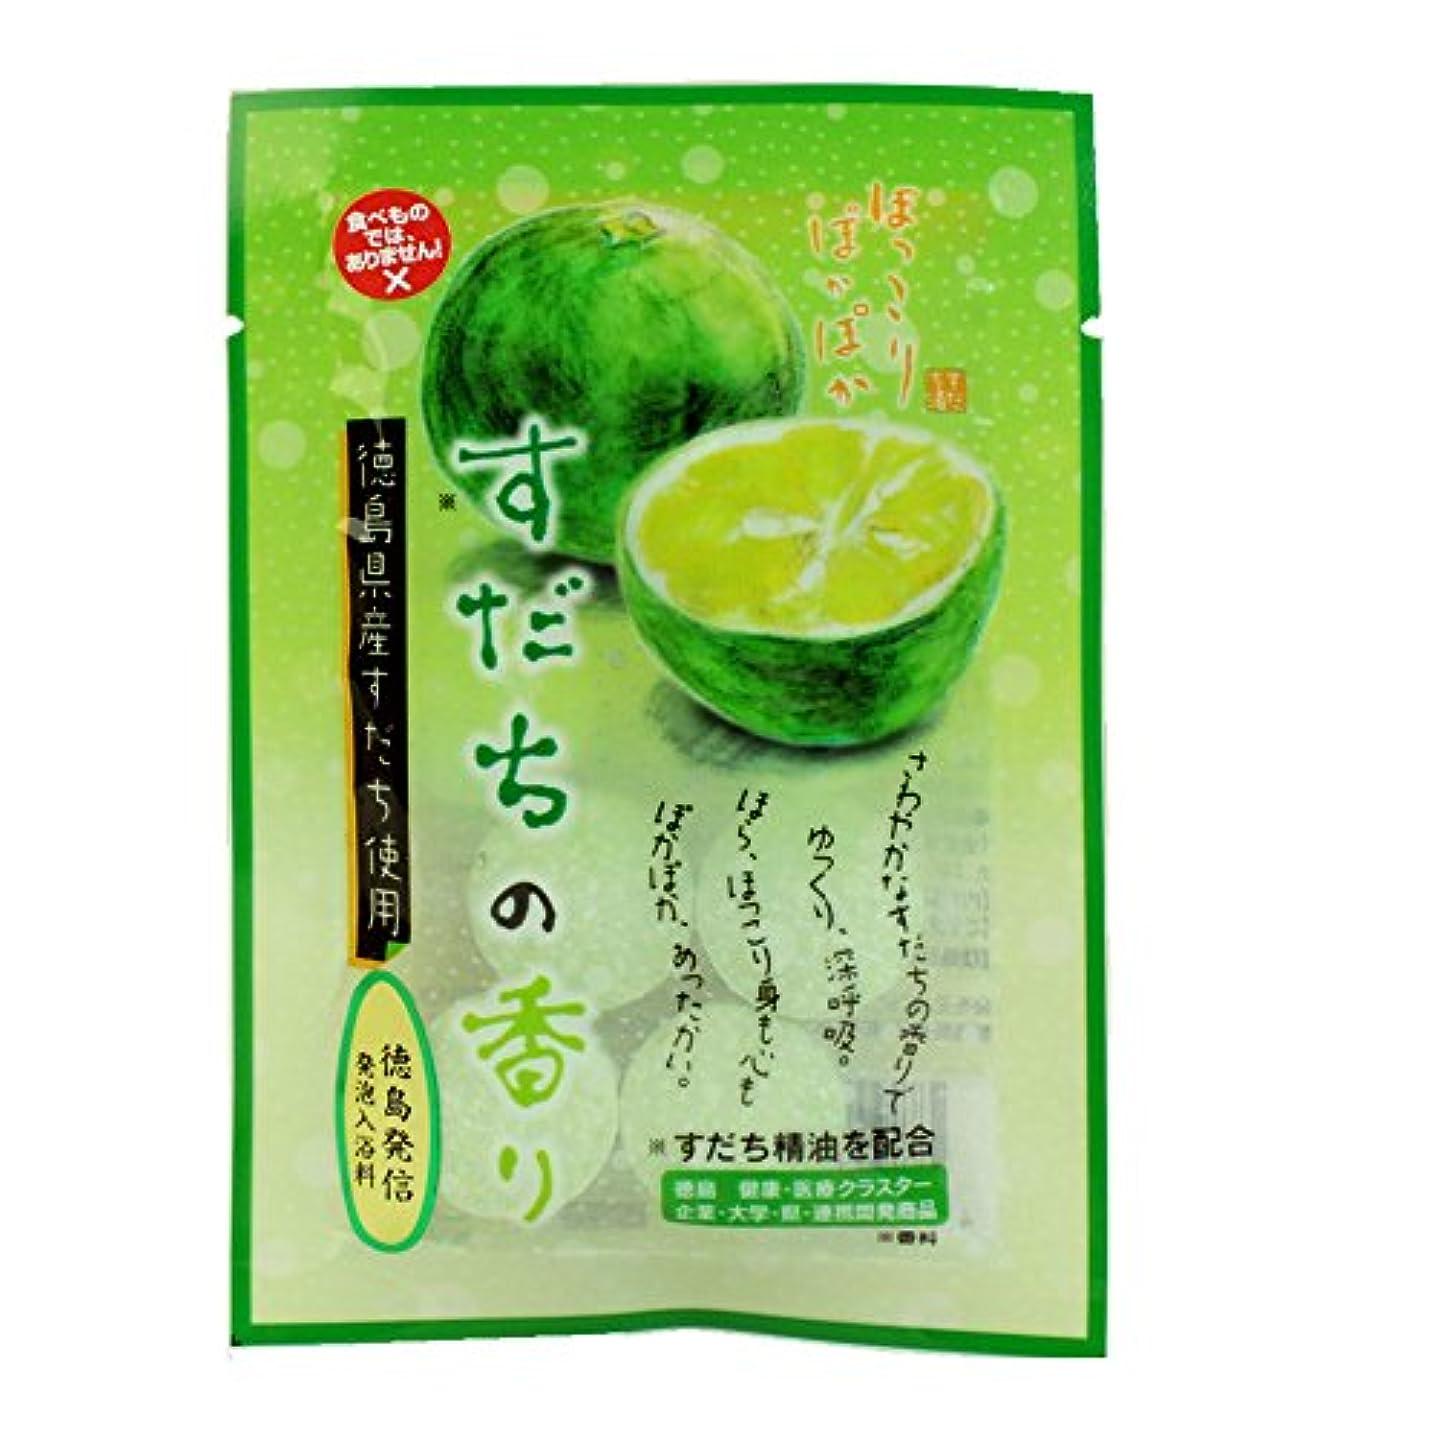 資本嵐が丘ペインギリックすだちの香り 発泡入浴料 1袋 徳島県産すだち使用 860 送料無料